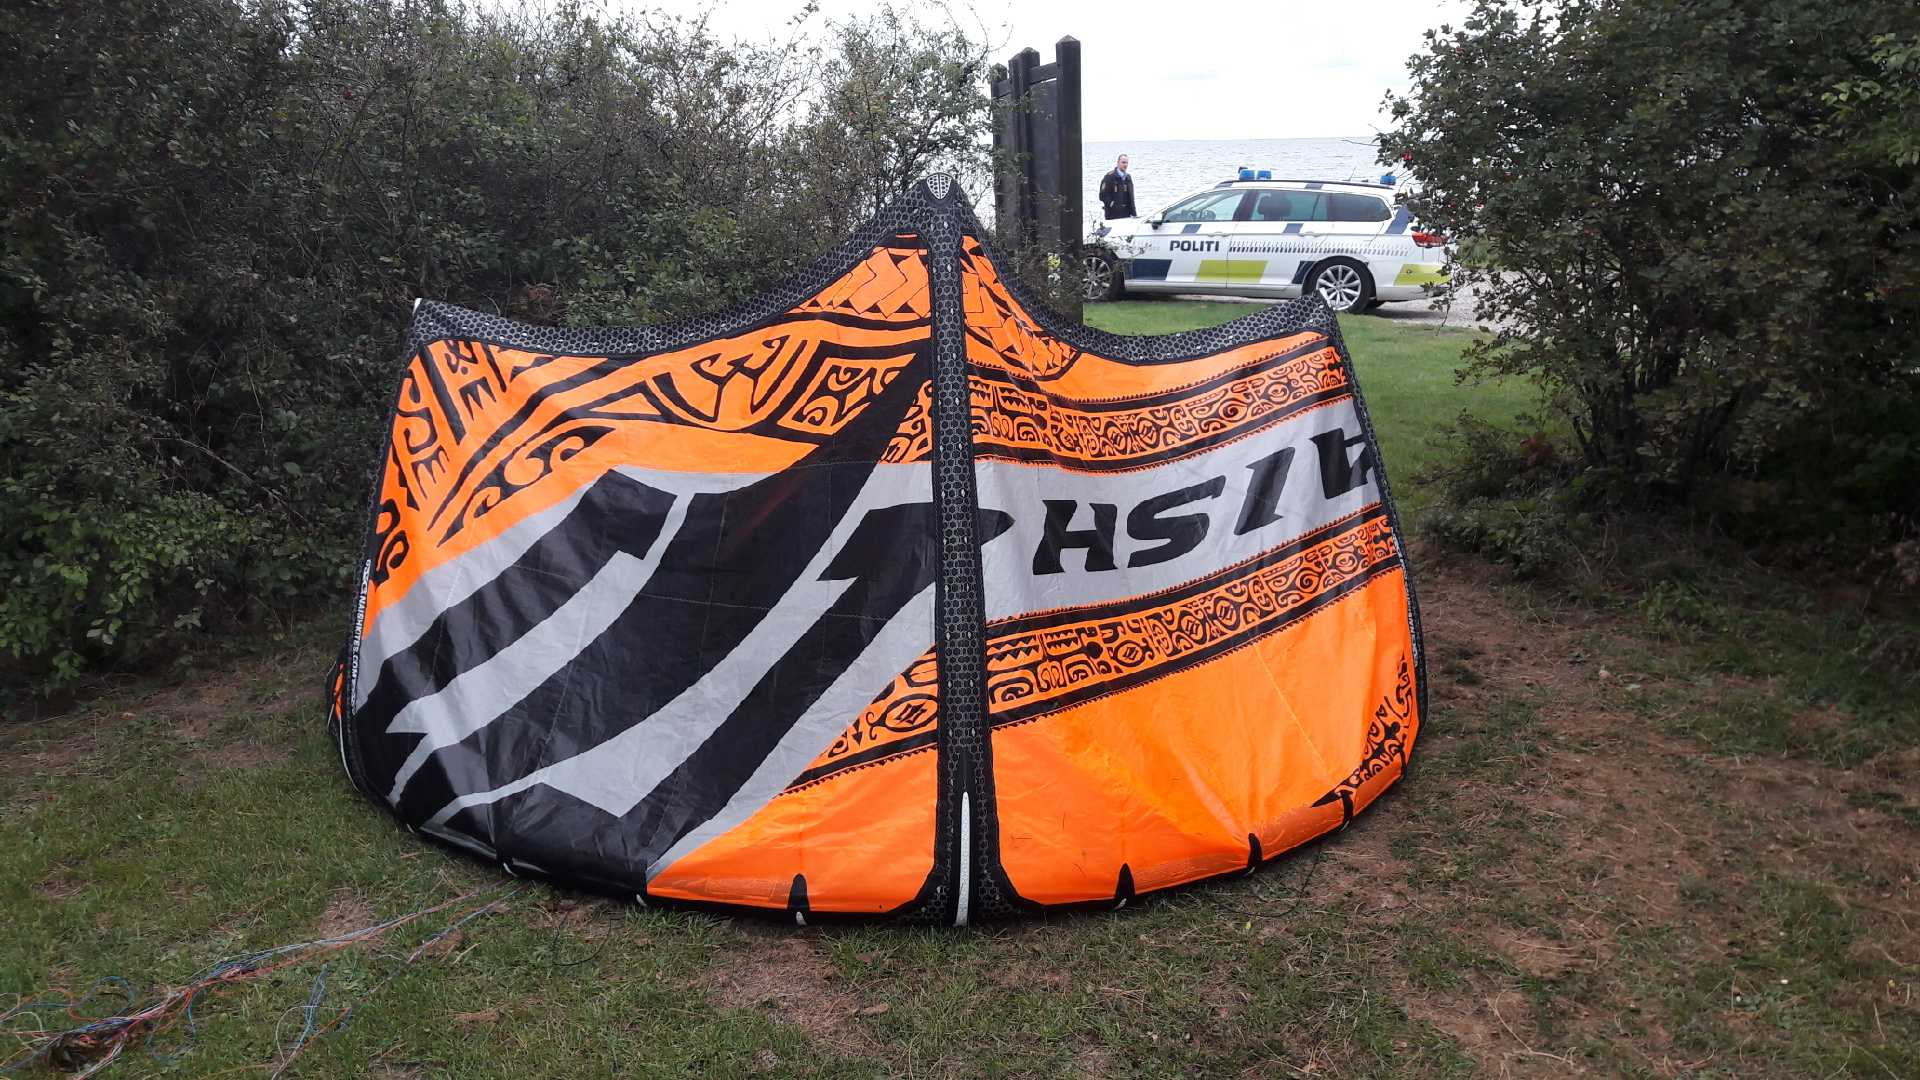 Kiteskærm fundet ved Holten Strand. Politi beder om hjælp